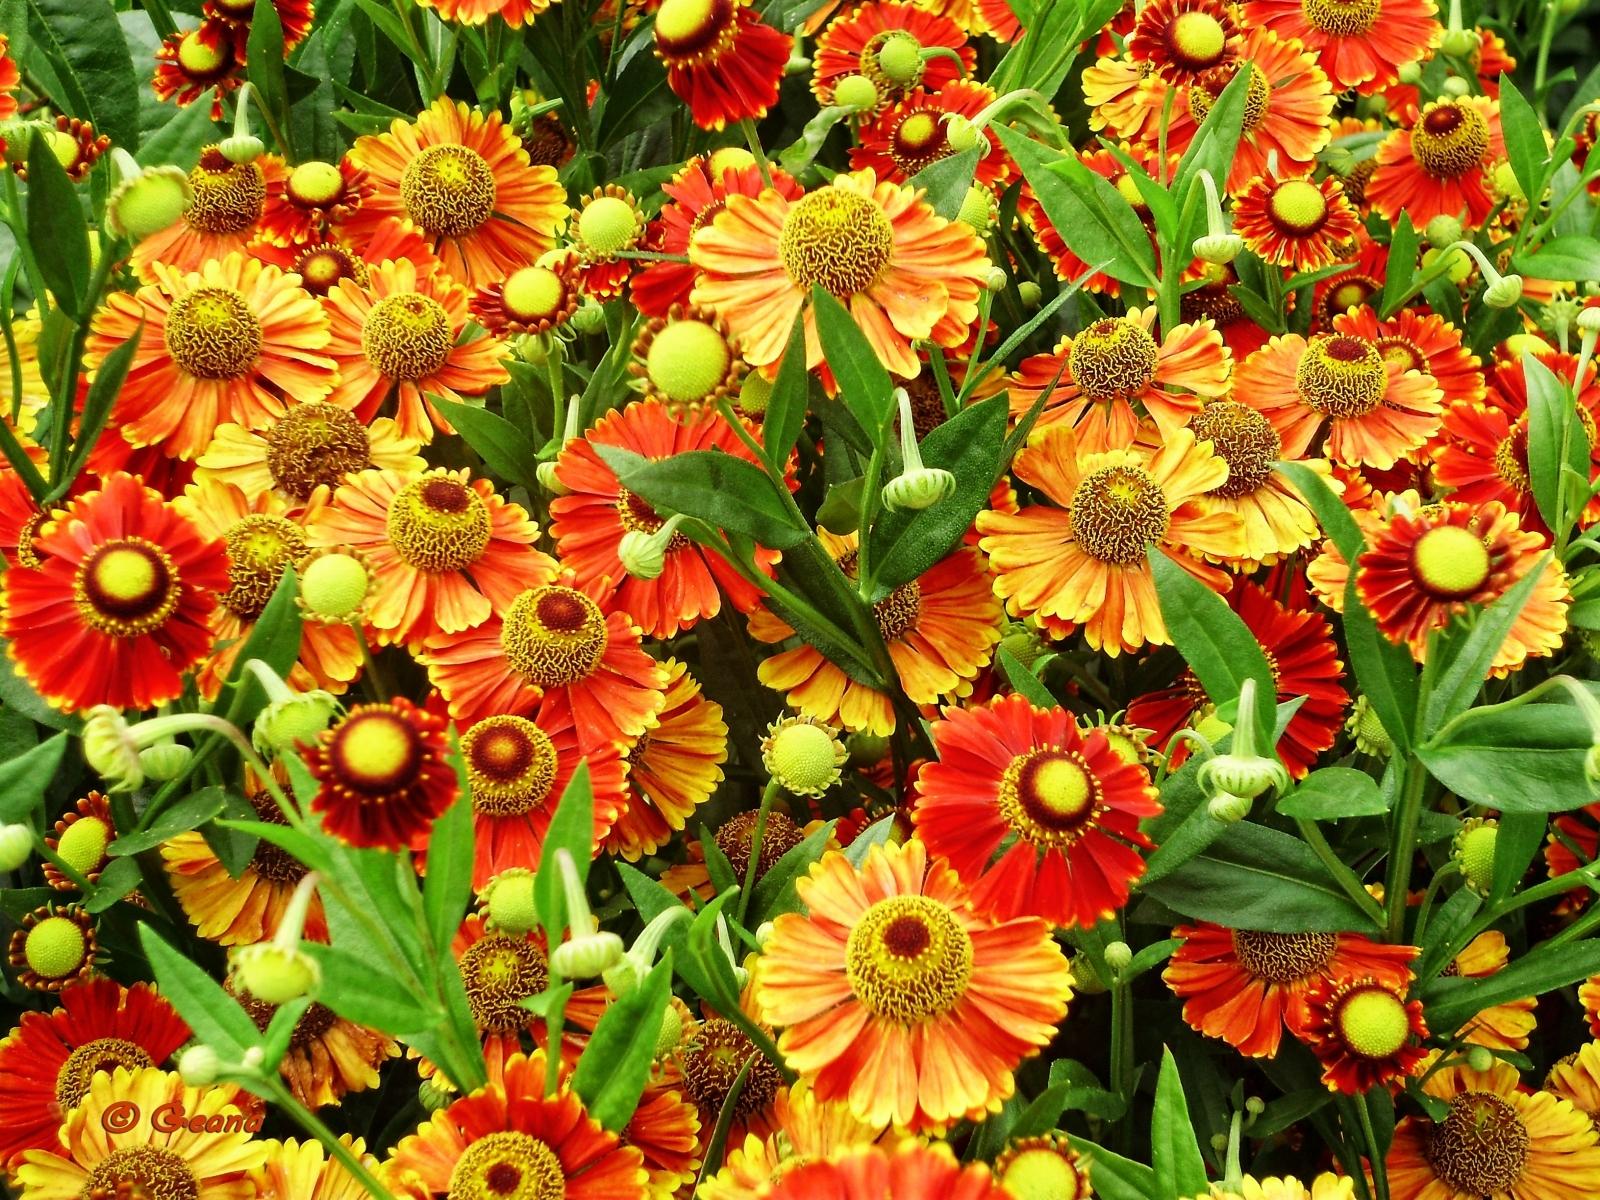 9138 скачать обои Растения, Цветы, Фон - заставки и картинки бесплатно